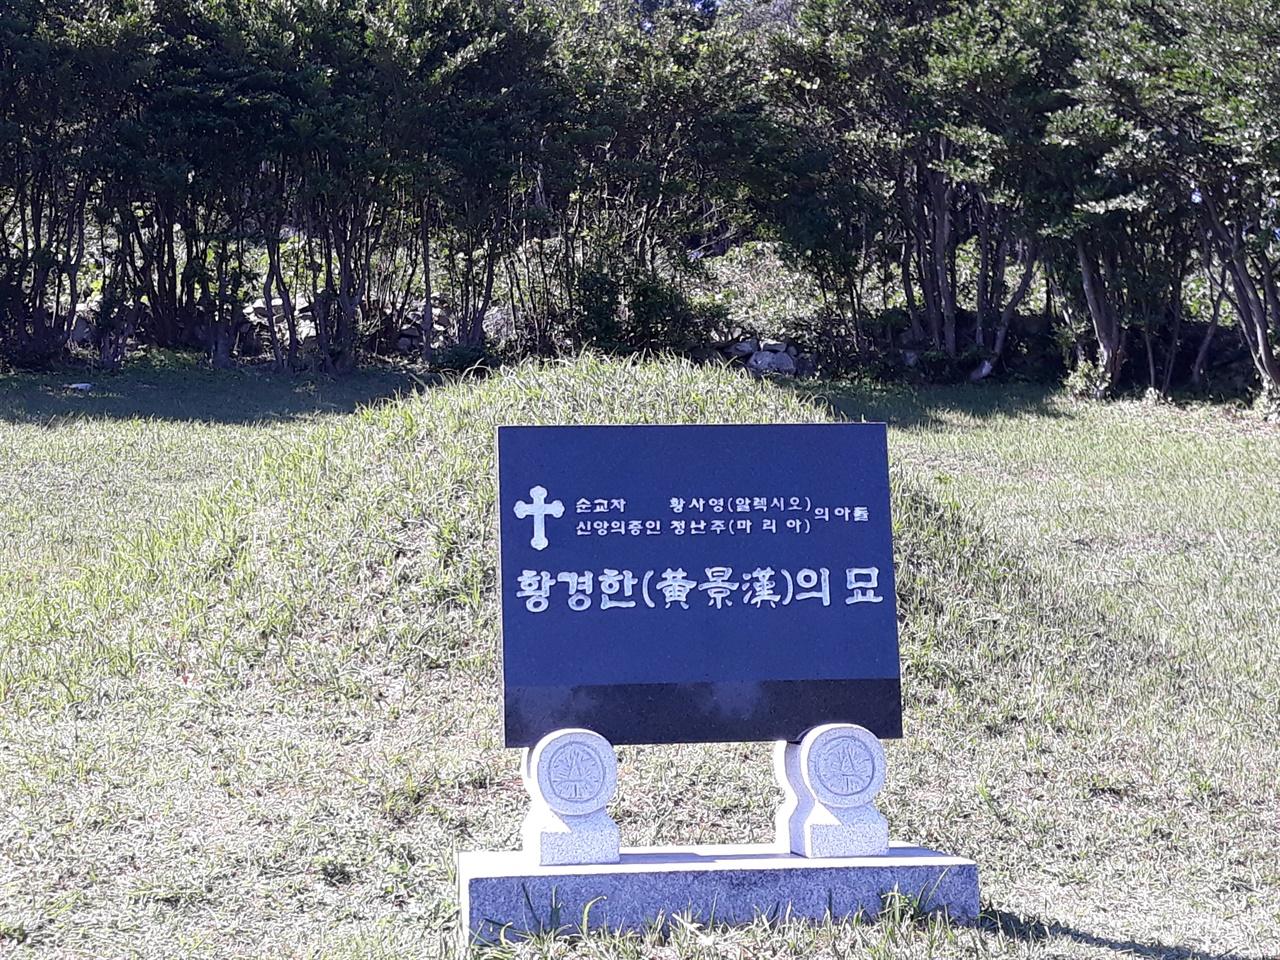 황경한의 묘 제주도가 아스라이 바라다보이는 하추자도 서남단에 조성된 황경한의 묘